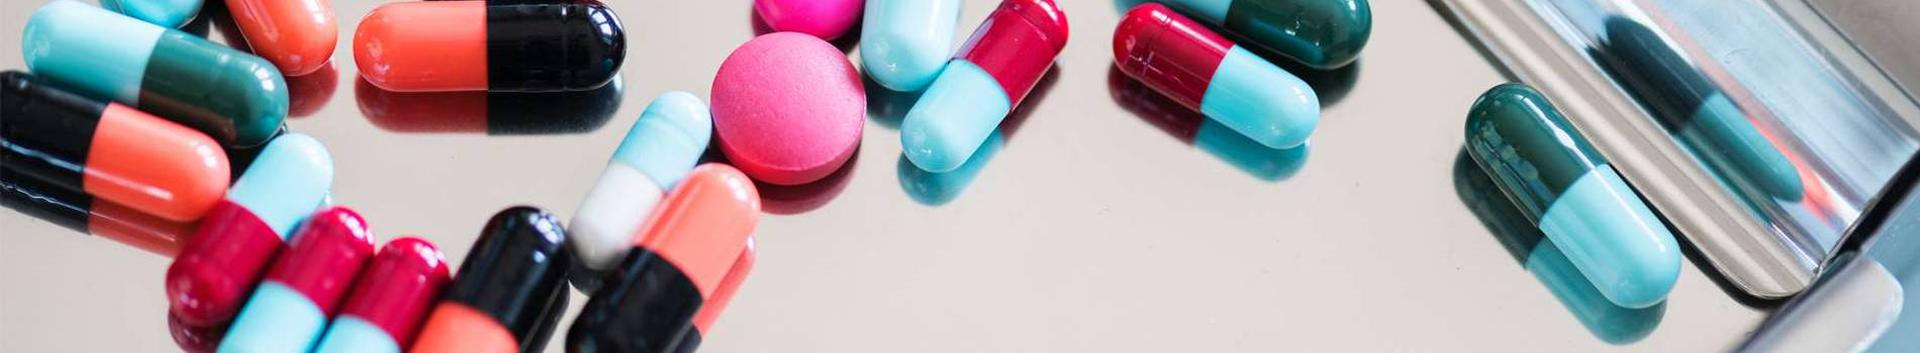 ravimid, ravimite hulgimüük, tervishoid, farmaatsiapreparaadid, paratsetamoolipreparaadid, valuvaigistid, farmatseutilised preparaadid ja ained, vitamiinid ja vitamiinpreparaadid, meditsiinilised dieetpreparaadid ning -ained, meditsiinilised toidulisandid